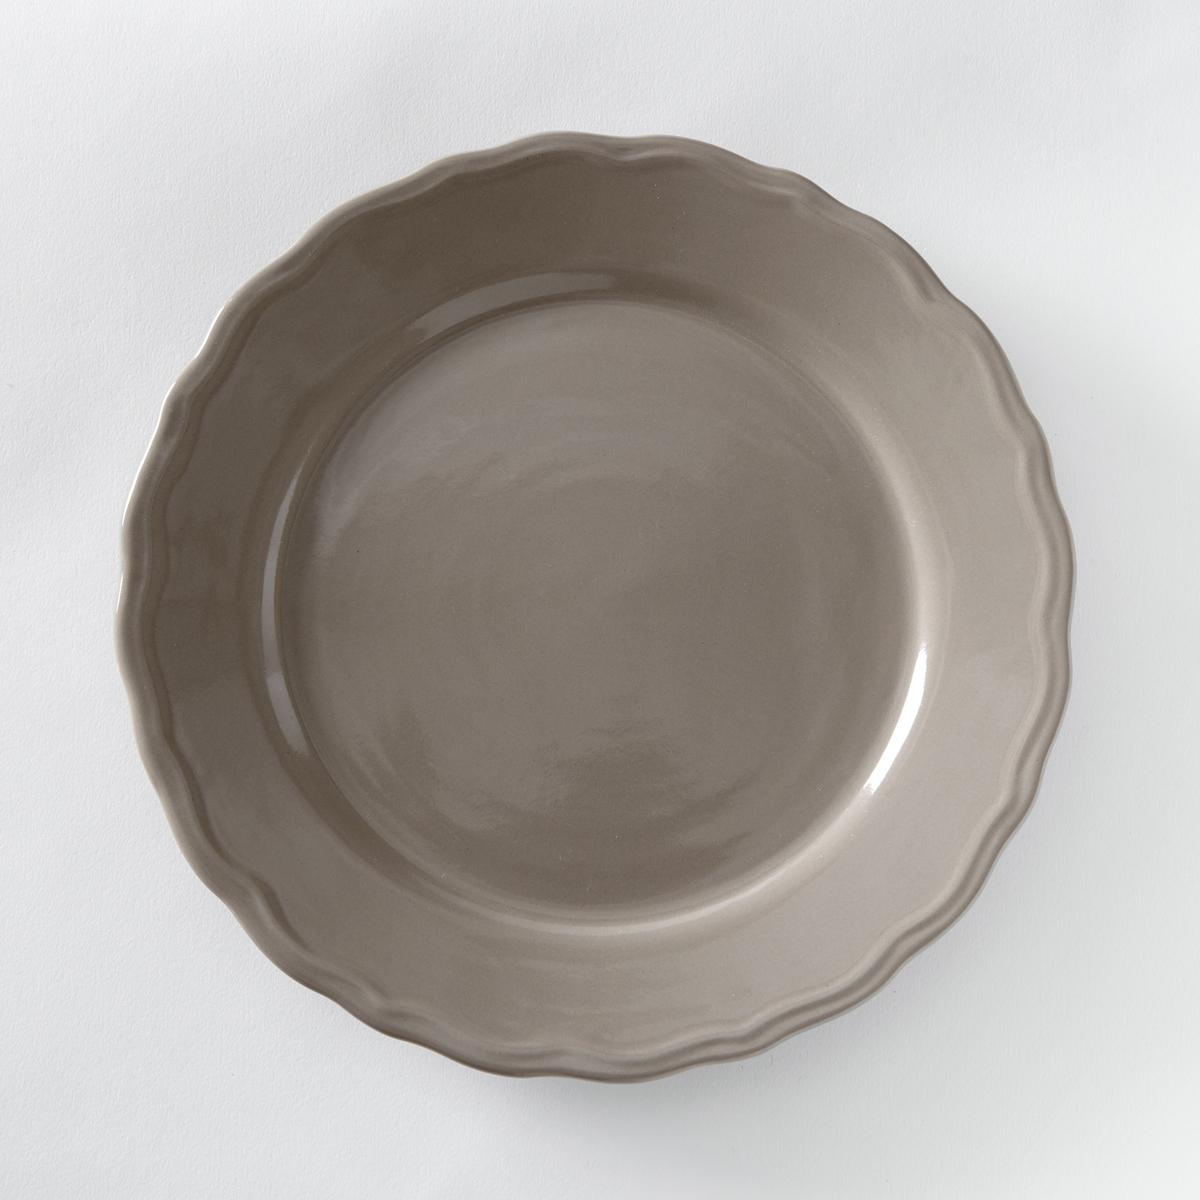 4 тарелки плоские с отделкой фестоном, AjilaХарактеристики 4 тарелок плоских с отделкой фестоном Ajila :- Из фаянса, зубчатая кромка.- Диаметр 26,5 см  .- Можно использовать в посудомоечных машинах и микроволновых печах.Десертные и глубокие тарелки,чашки, кружки и блюдца Ajila продаются на нашем сайте.<br><br>Цвет: серо-коричневый